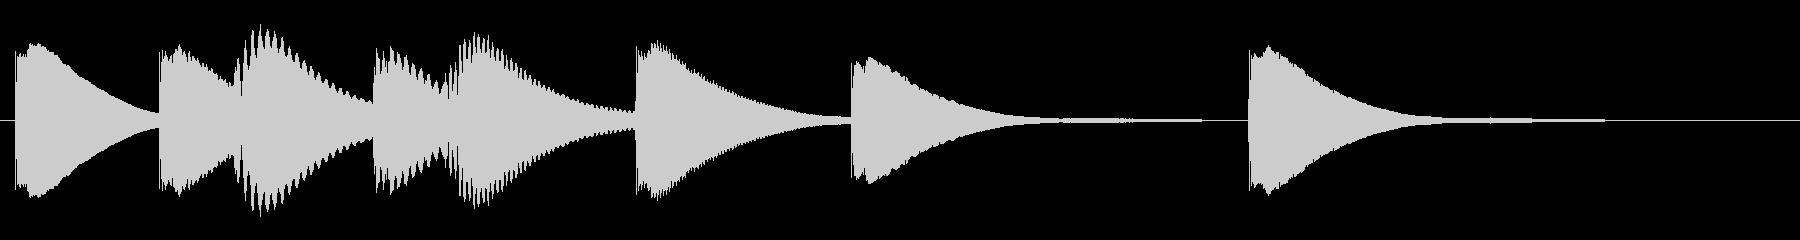 ジングル 木琴 学校 ほのぼのの未再生の波形